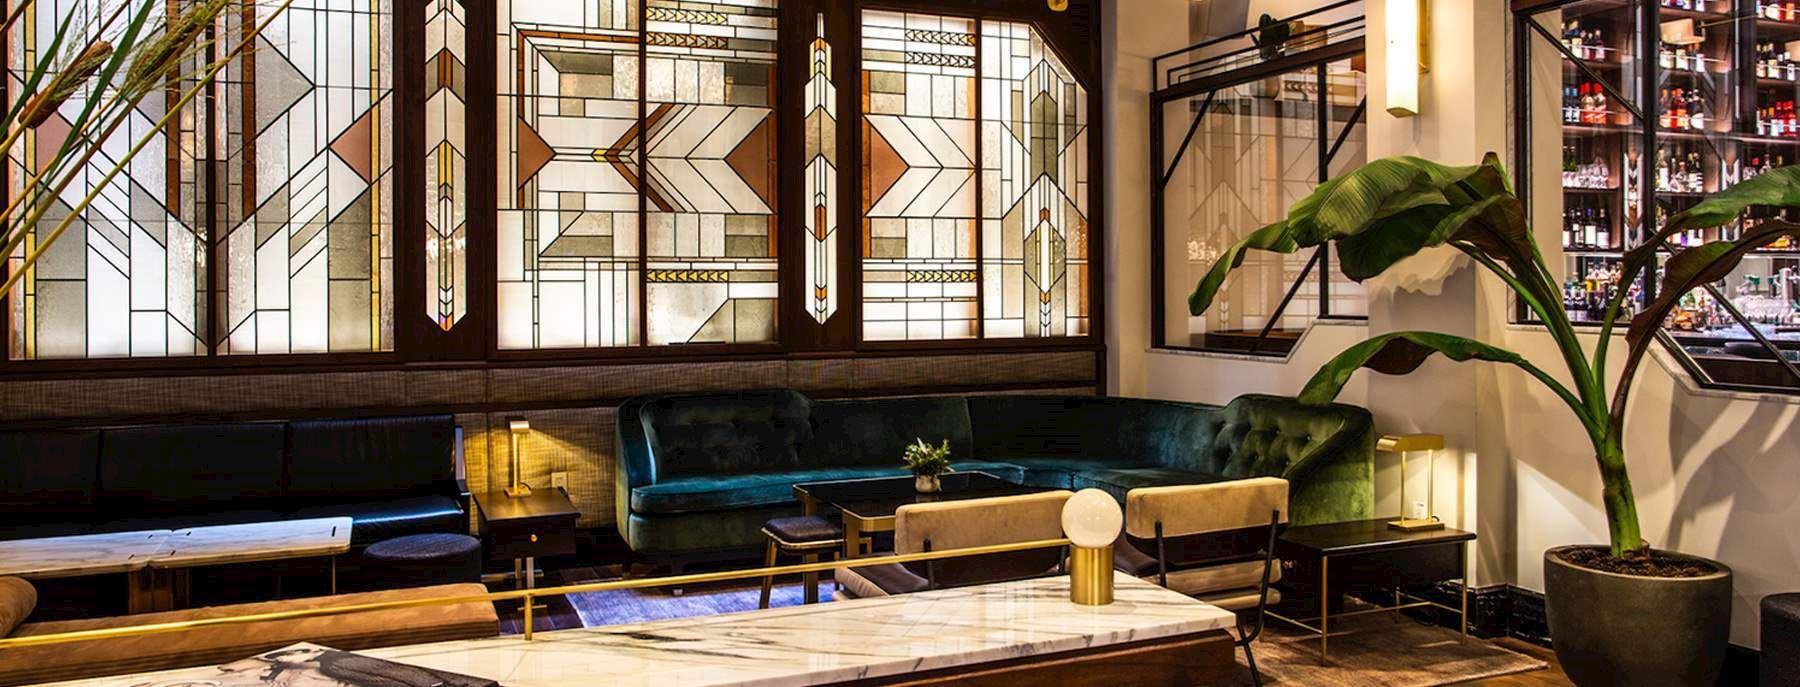 Evelyn Hotel Lobby